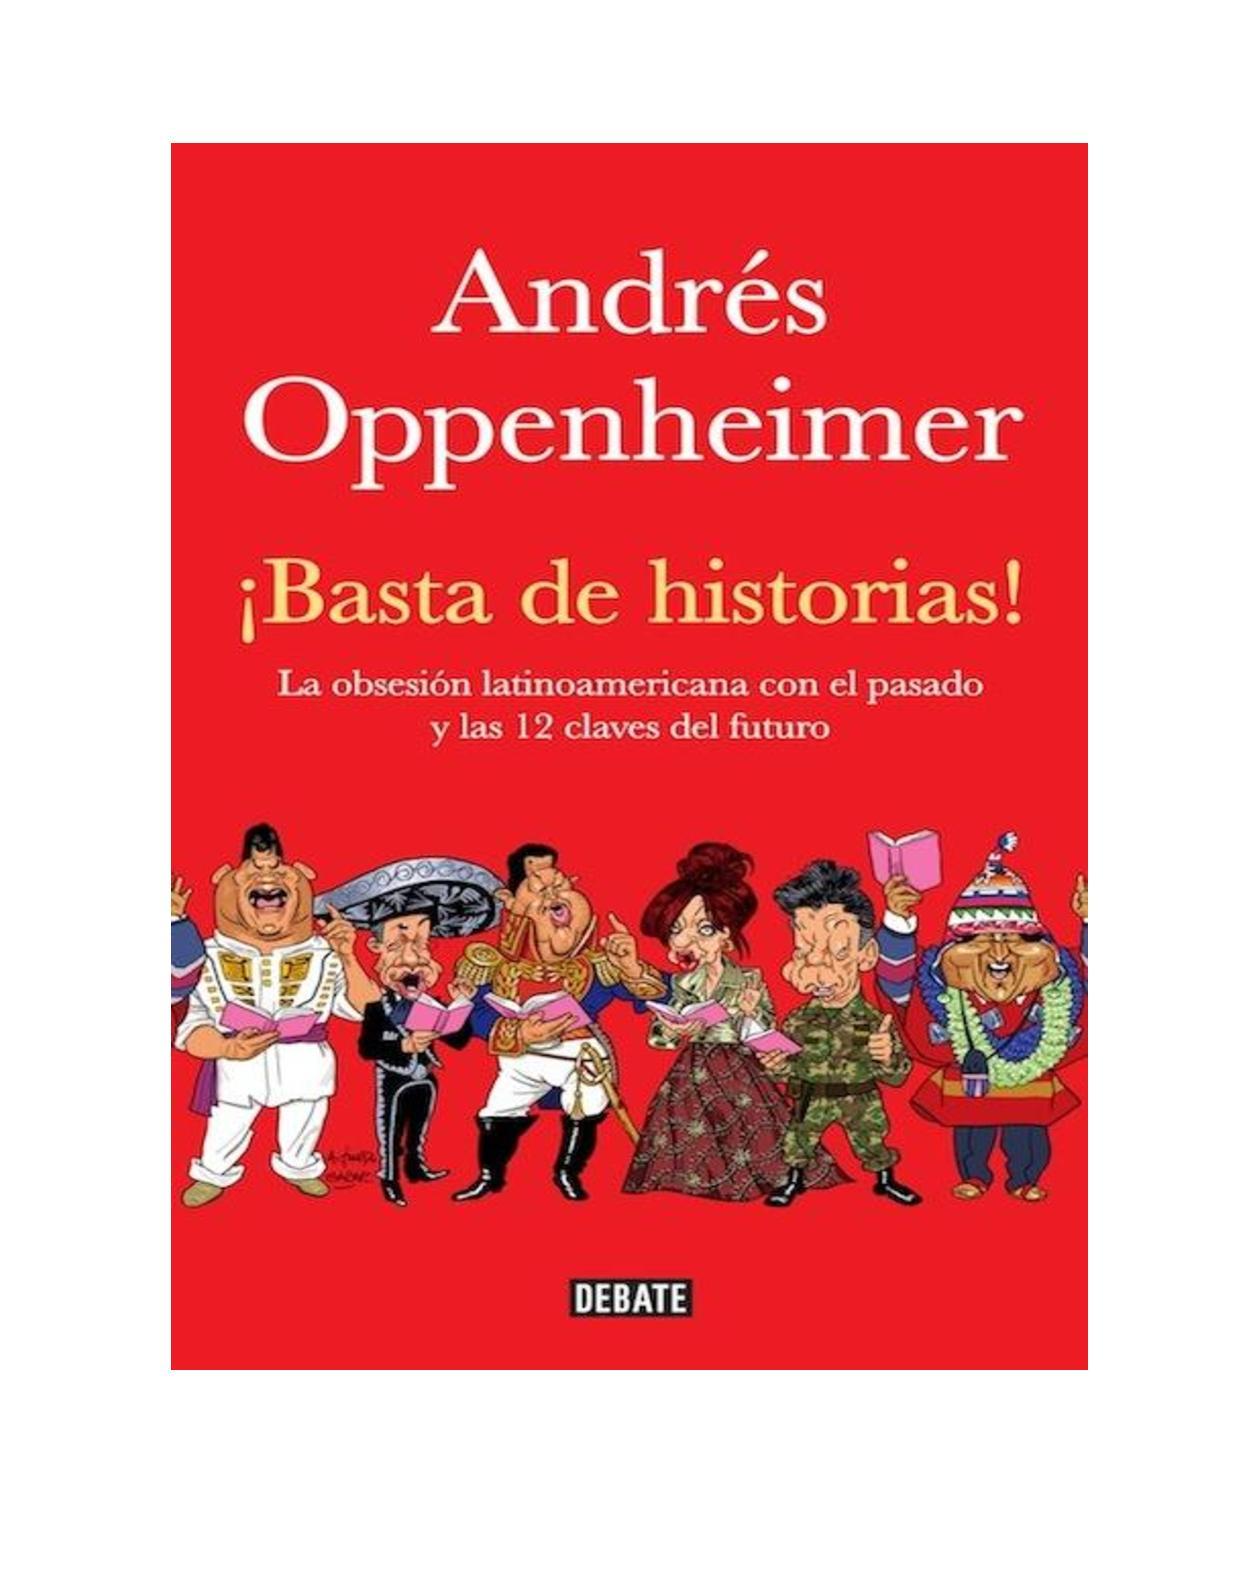 Calaméo - BASTA DE HISTORIAS - Andres Oppenheimer